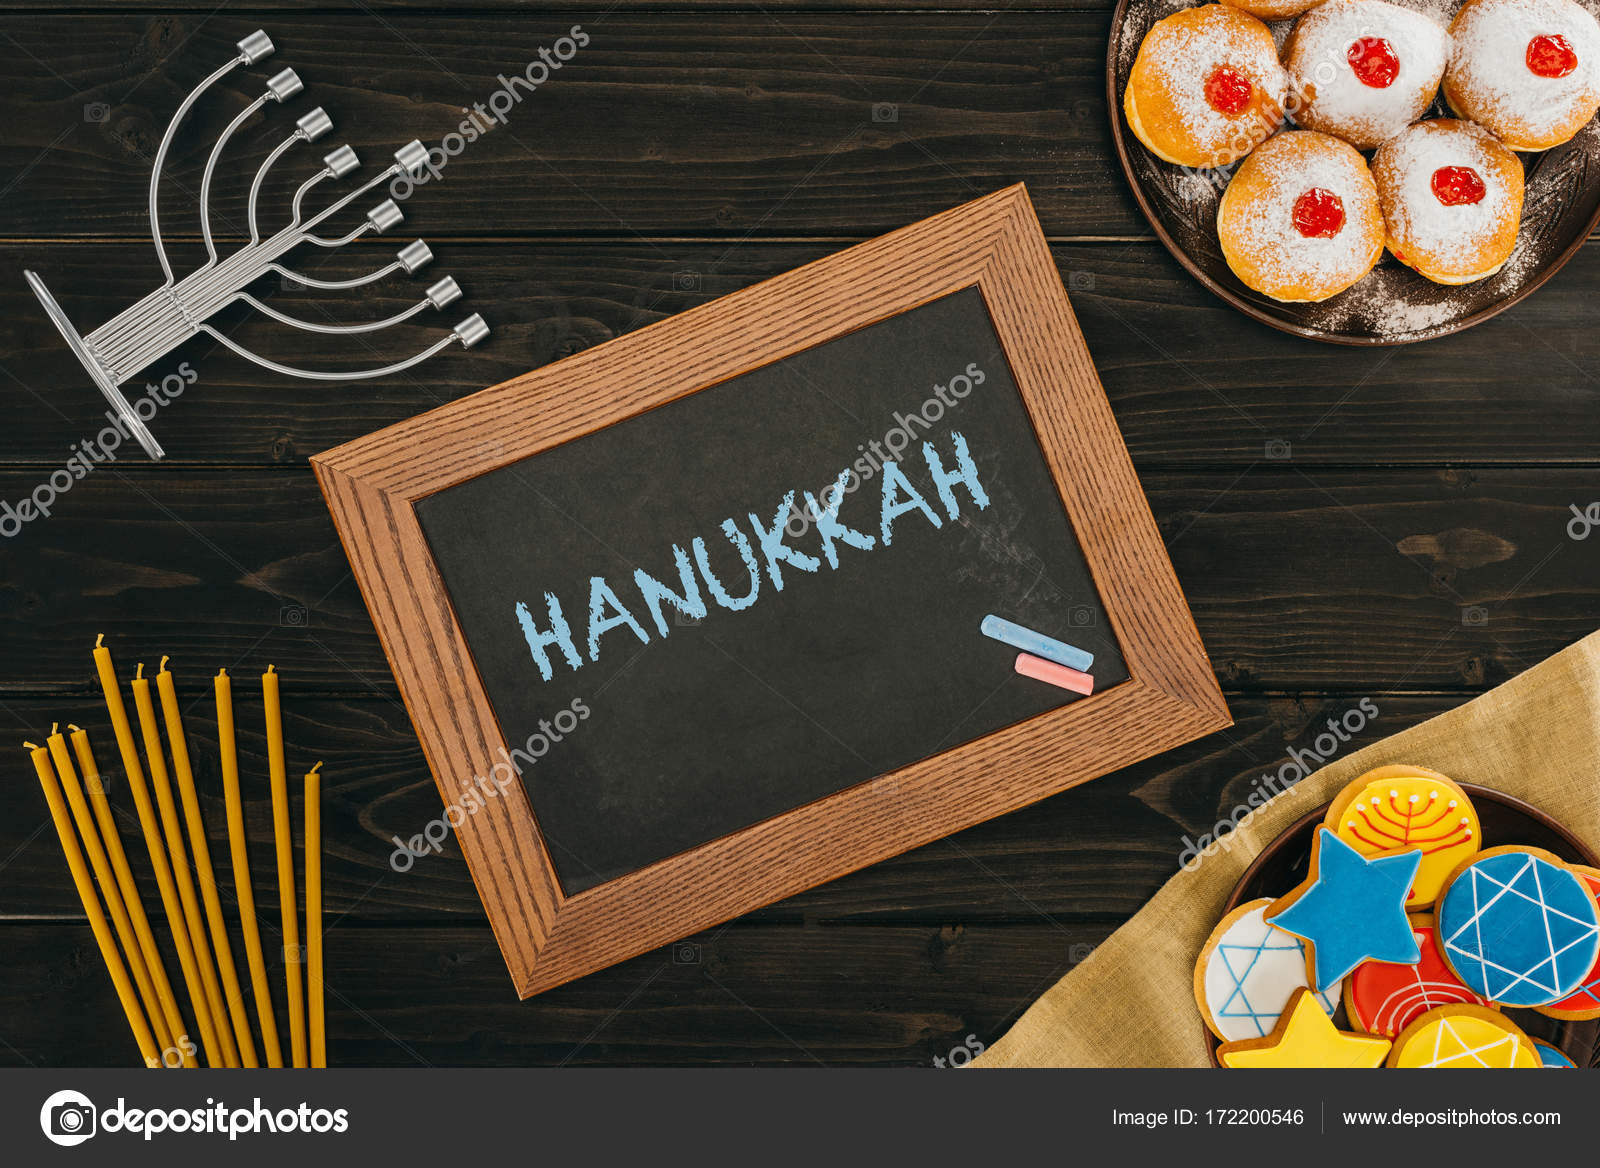 Rahmen Mit Hanukkah Wort Stockfoto C Vadimvasenin 172200546